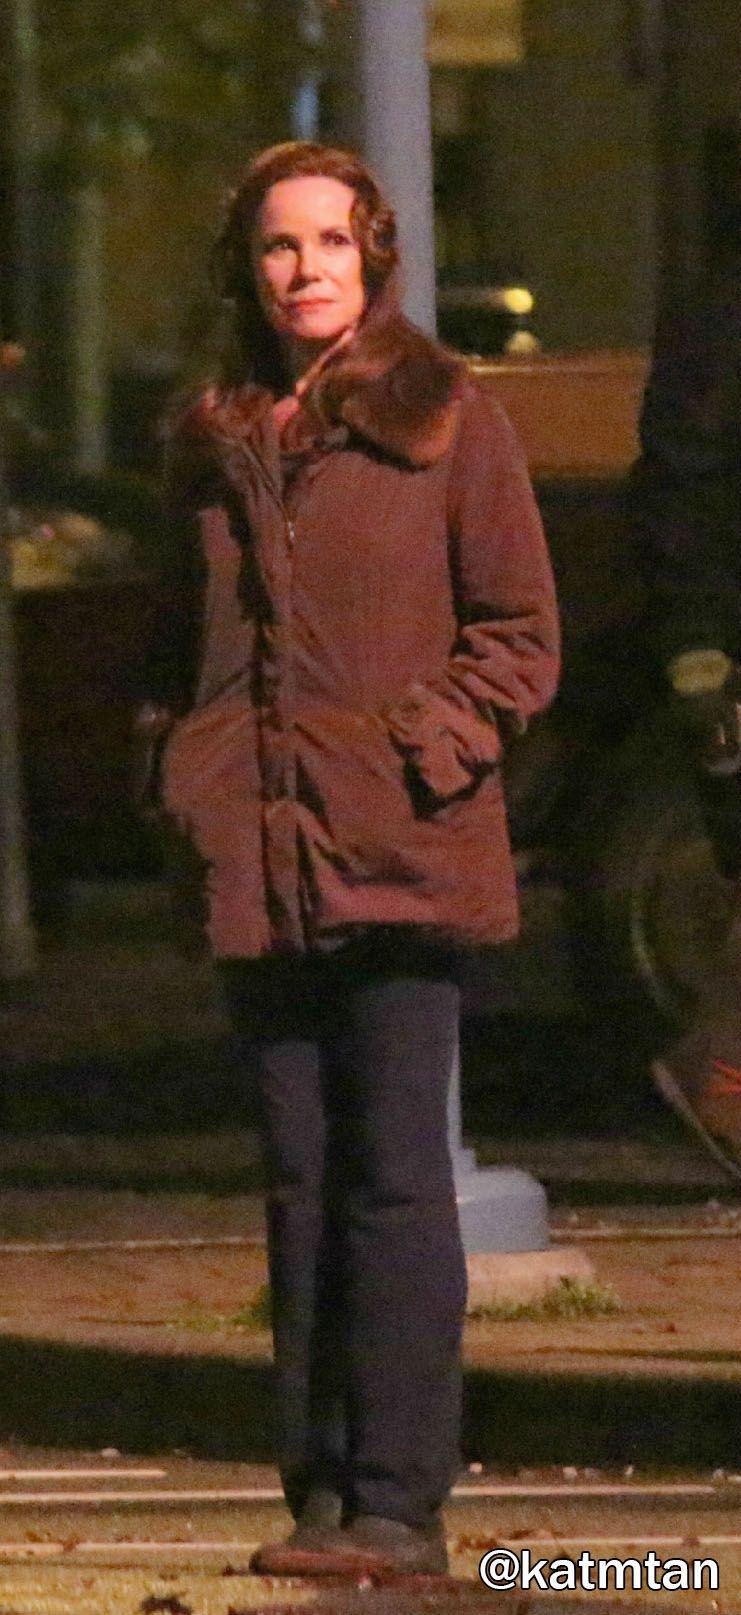 Barbara Hershey on set - 04 Nov 2015